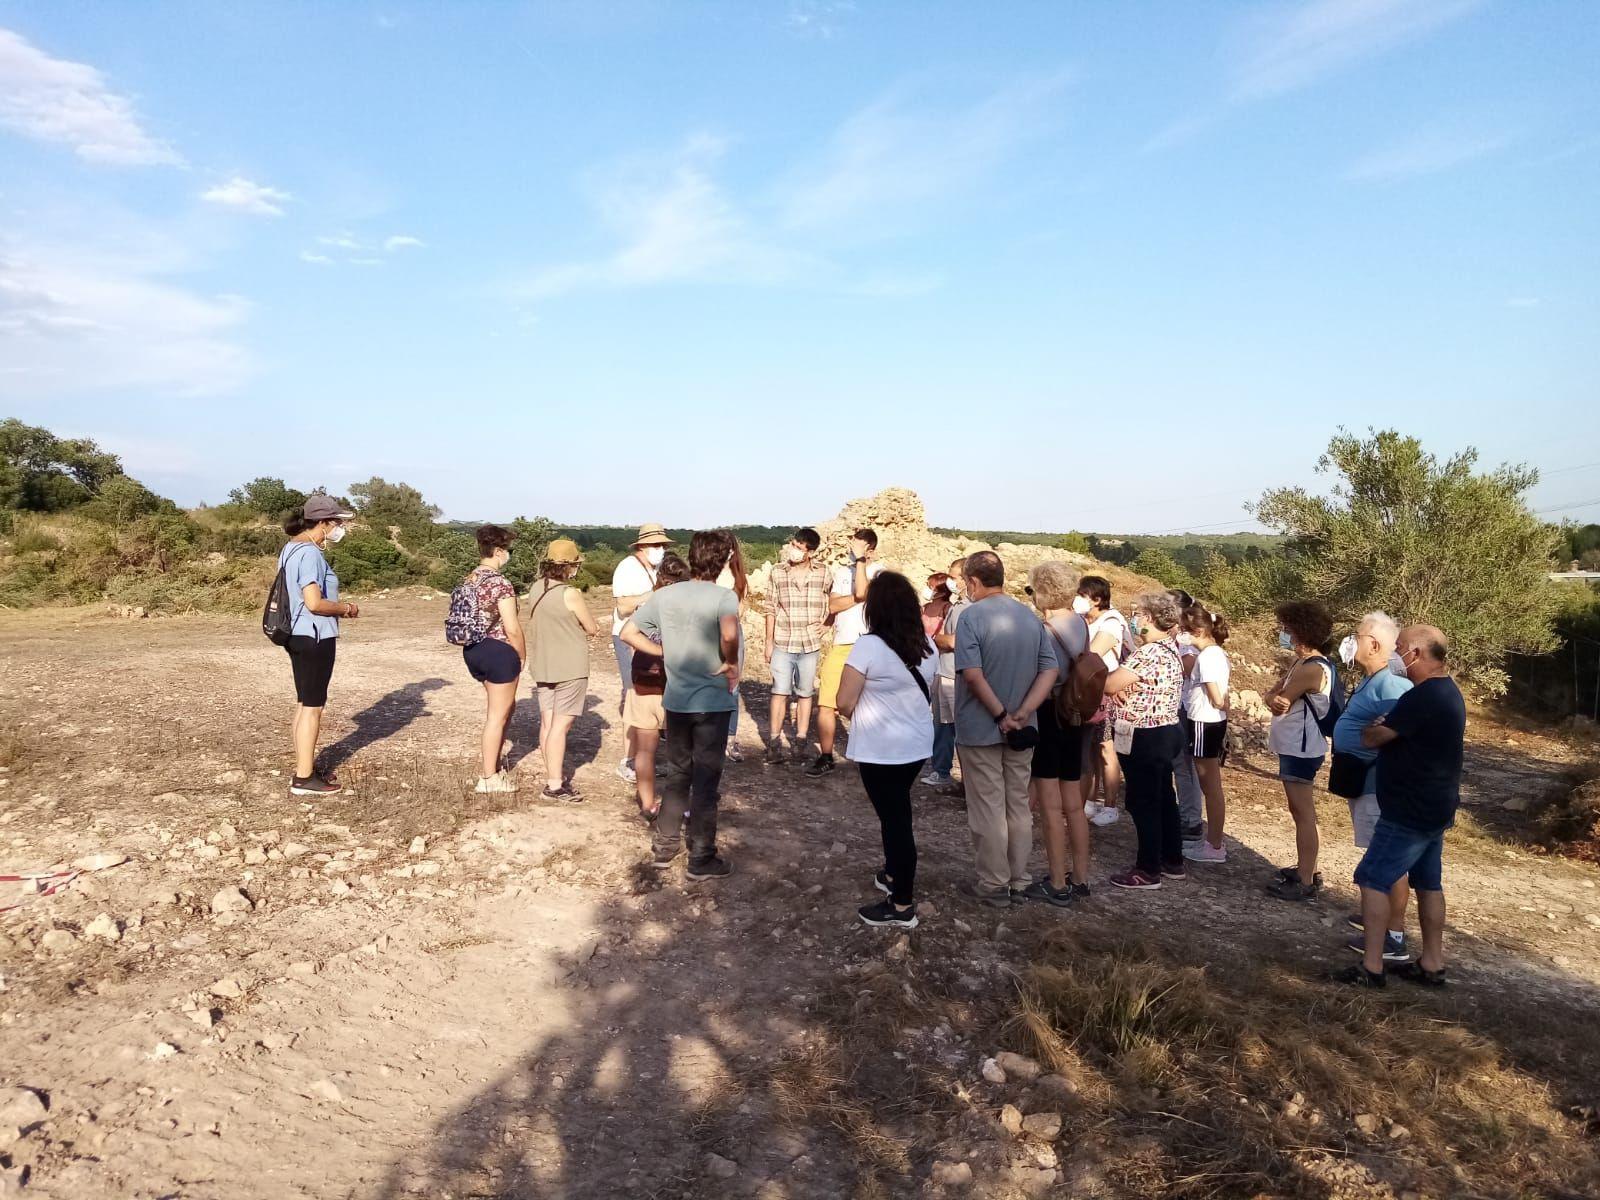 Un equipo de arqueólogos comienza una nueva excavación en València la Vella